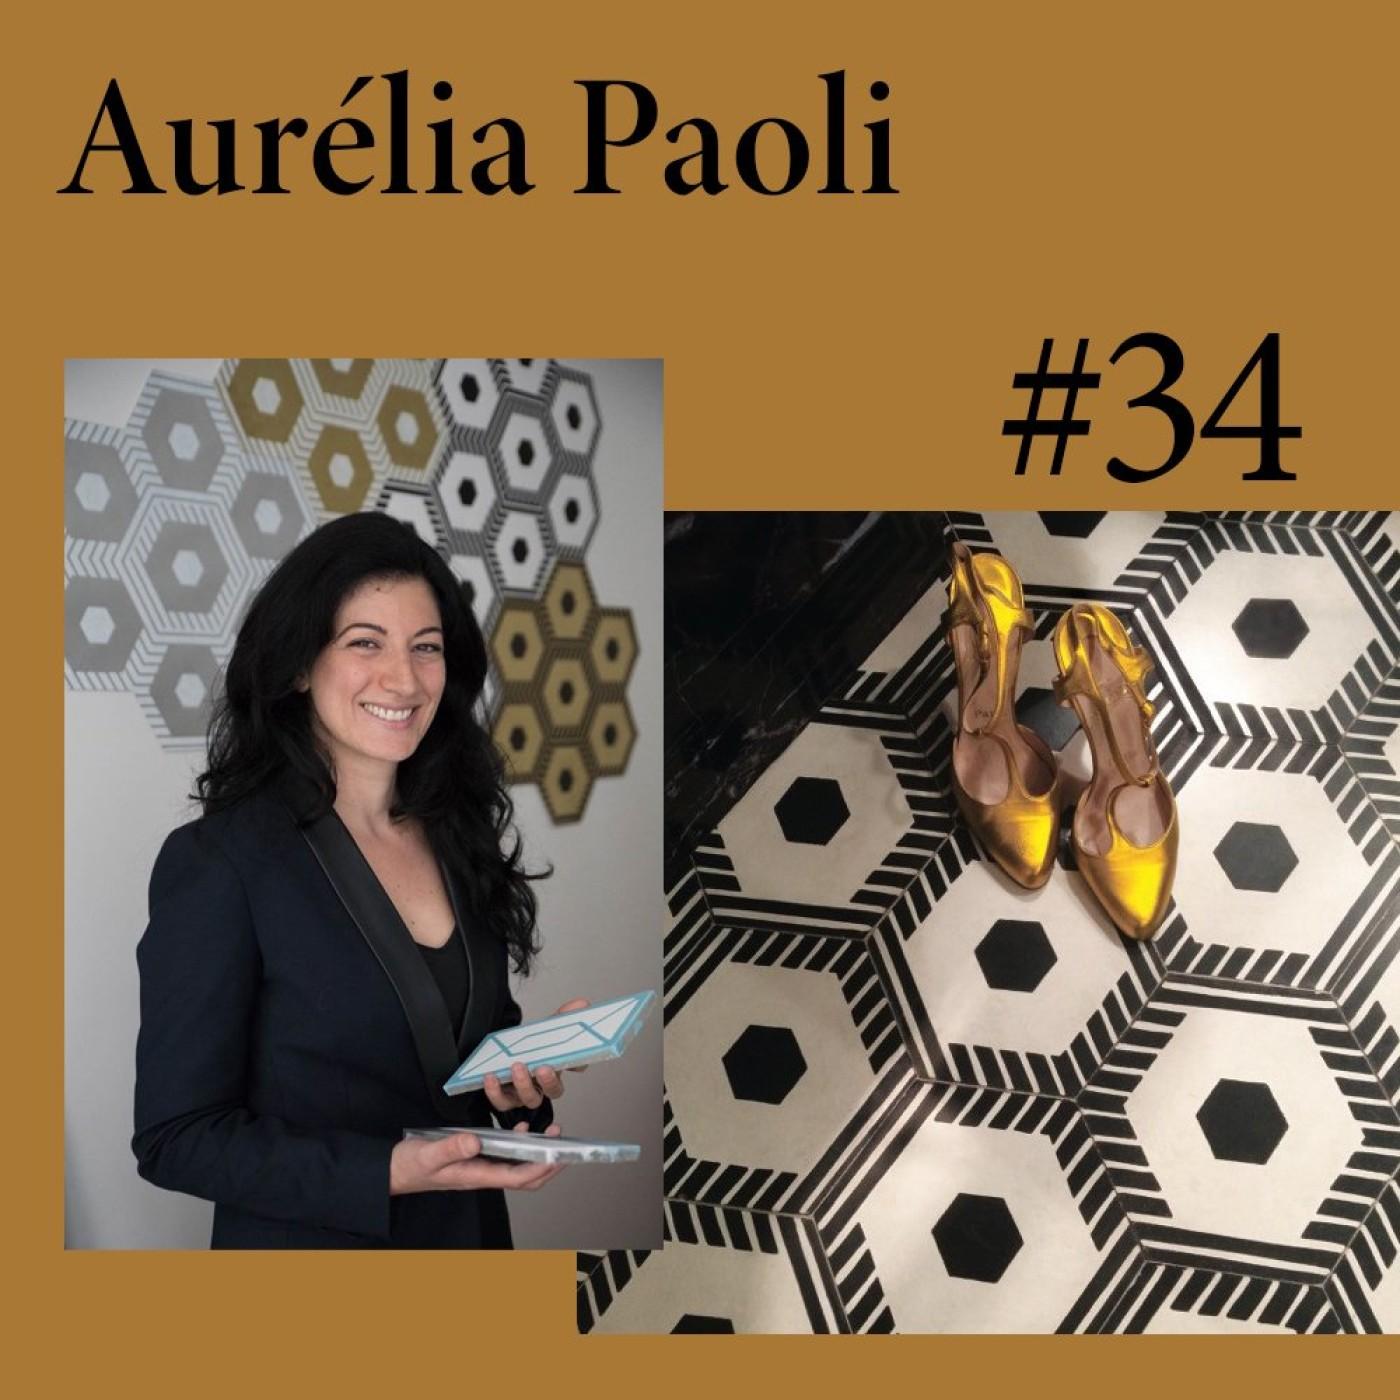 """#34 Aurélia Paoli (Beauregard) """"Les carreaux de ciment, c'est culturel"""""""